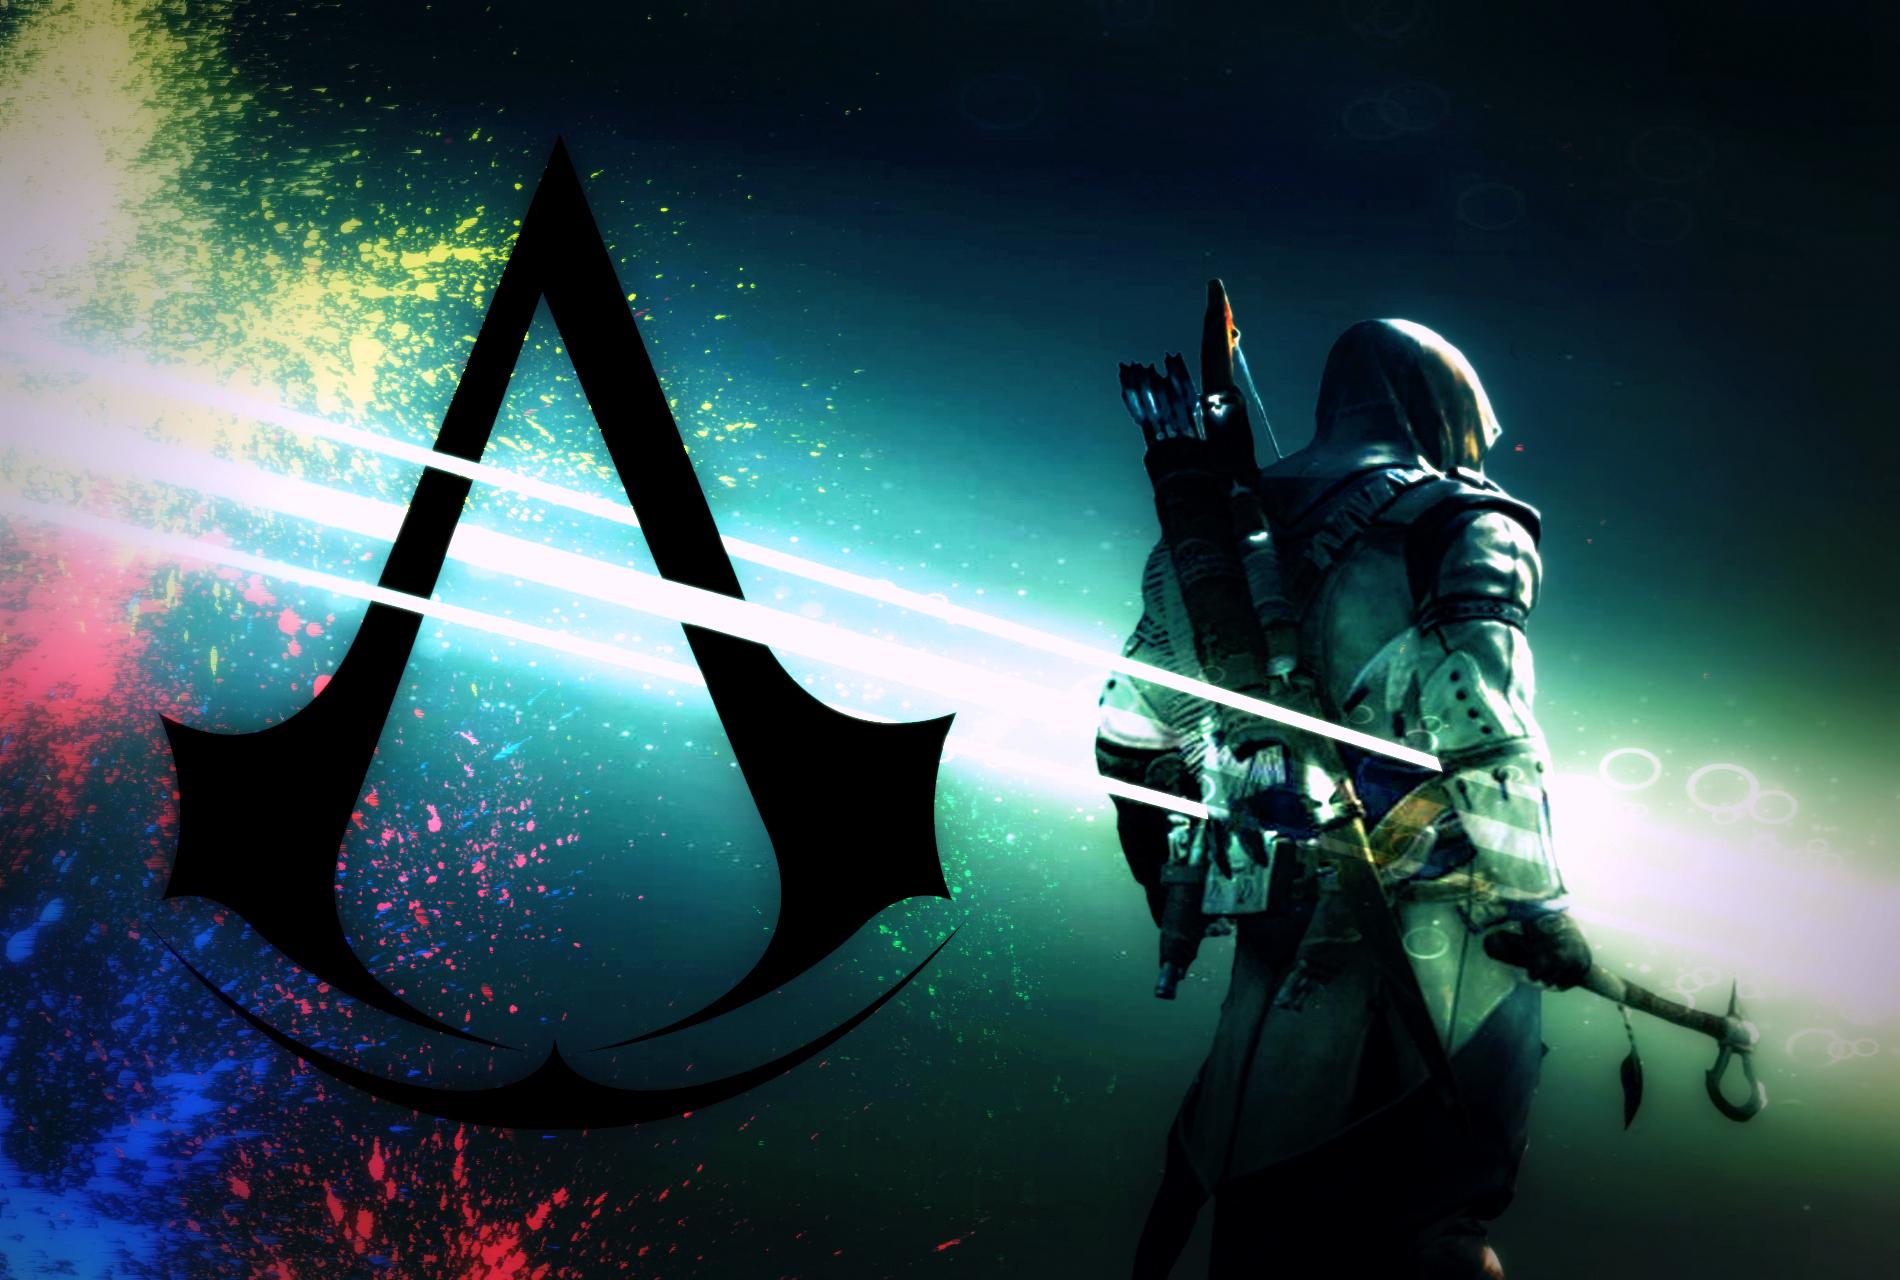 Assassins Creed 3 Wallpaper By Nakshatras1